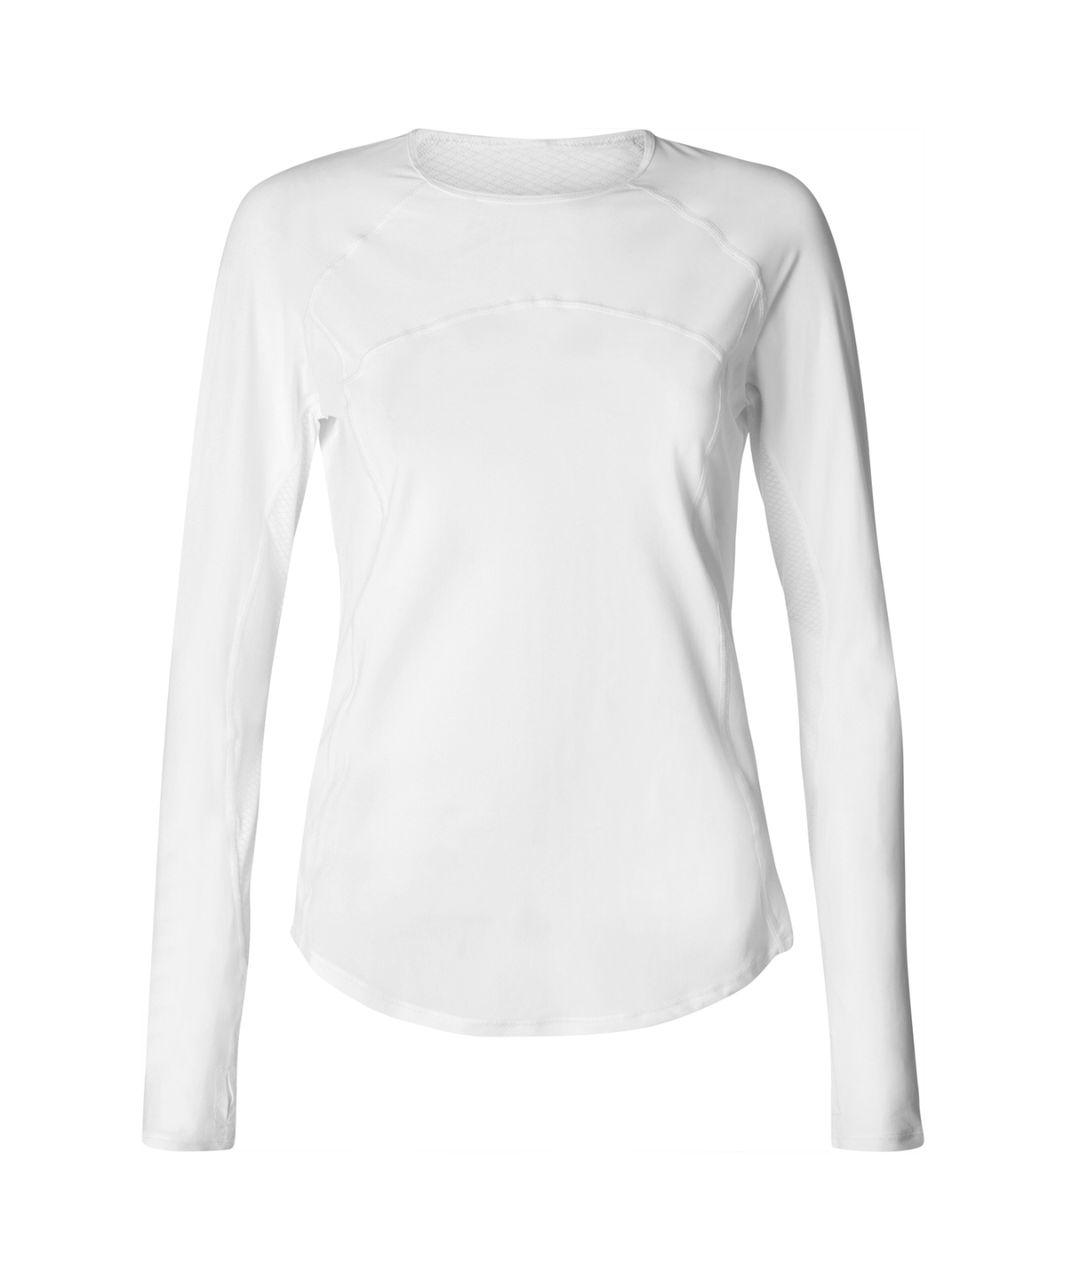 Lululemon Cover Me Long Sleeve - White